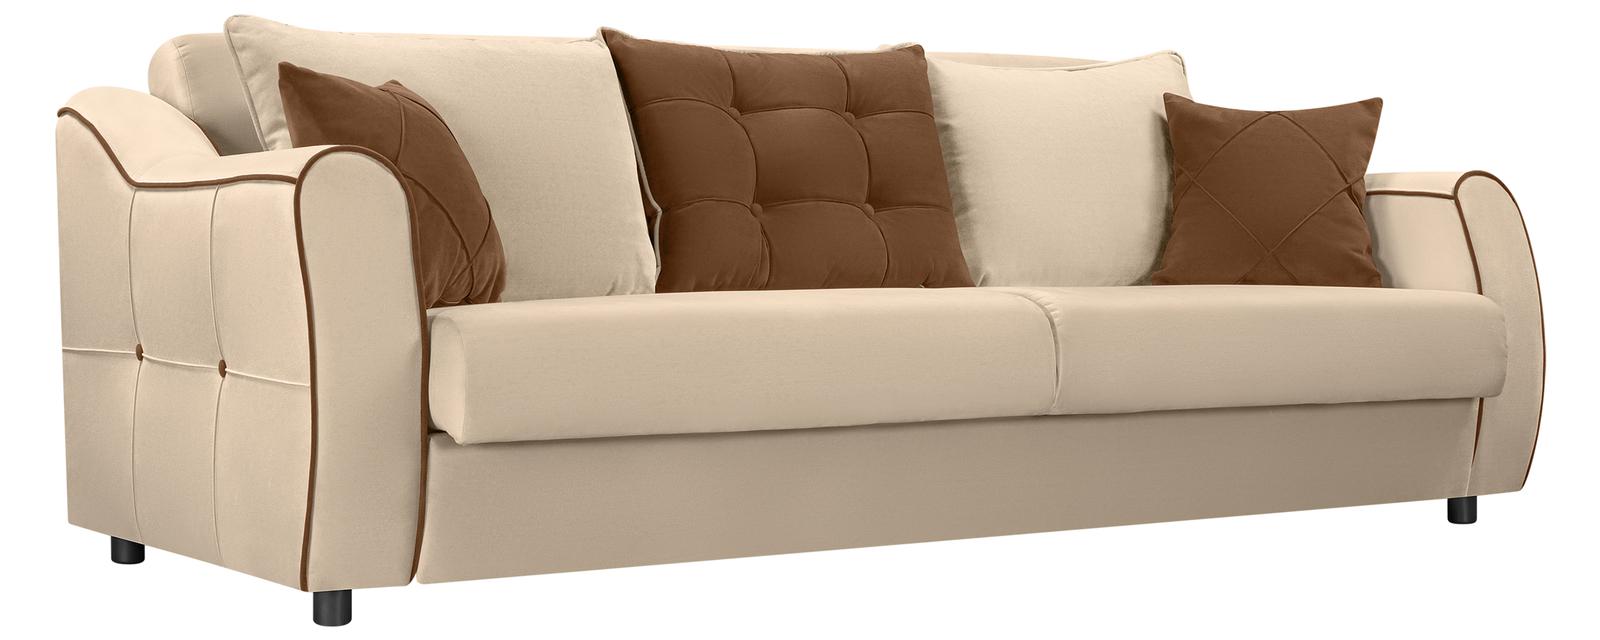 Диван тканевый прямой Флэтфорд Velure бежевый/коричневый (Велюр) Флэтфорд